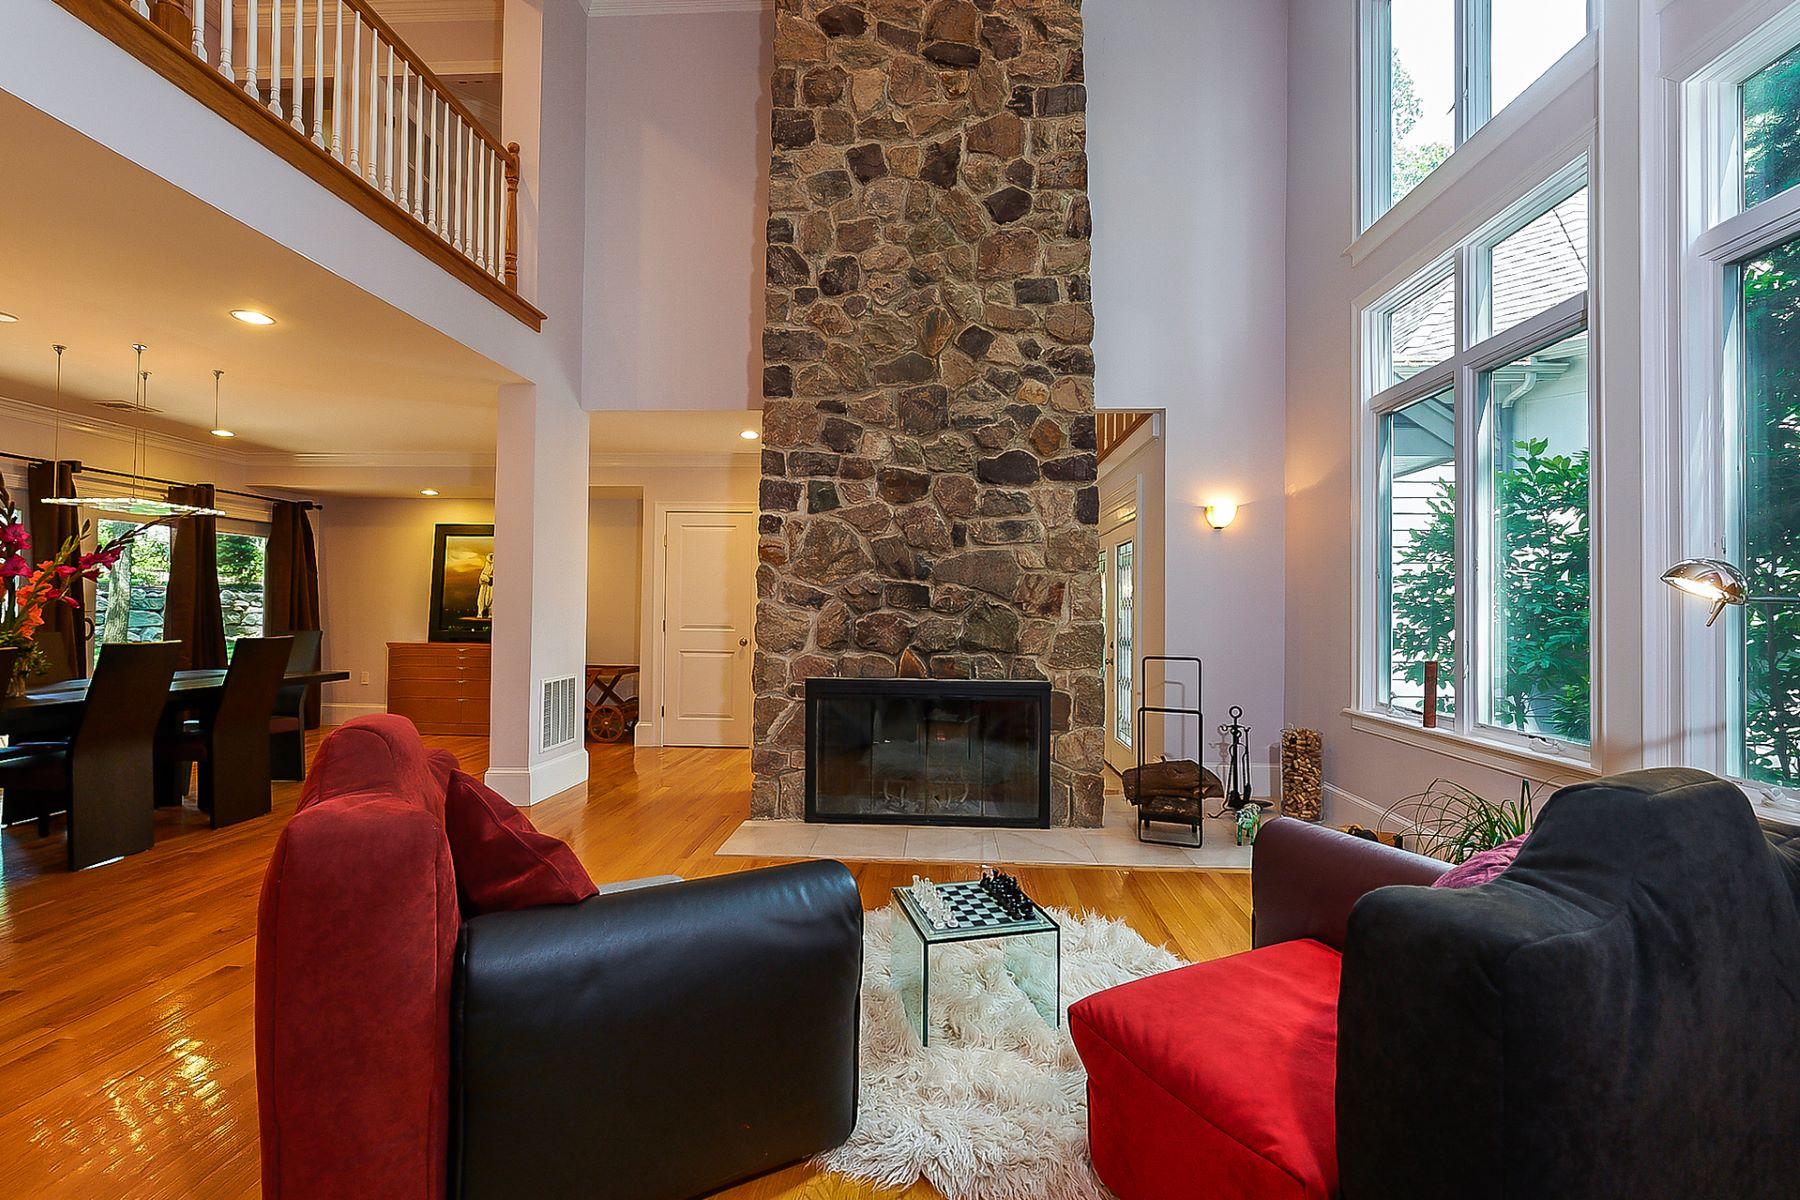 Частный односемейный дом для того Продажа на 24 Puddingstone Lane, Newton 24 Puddingstone Ln Newton, Массачусетс, 02459 Соединенные Штаты